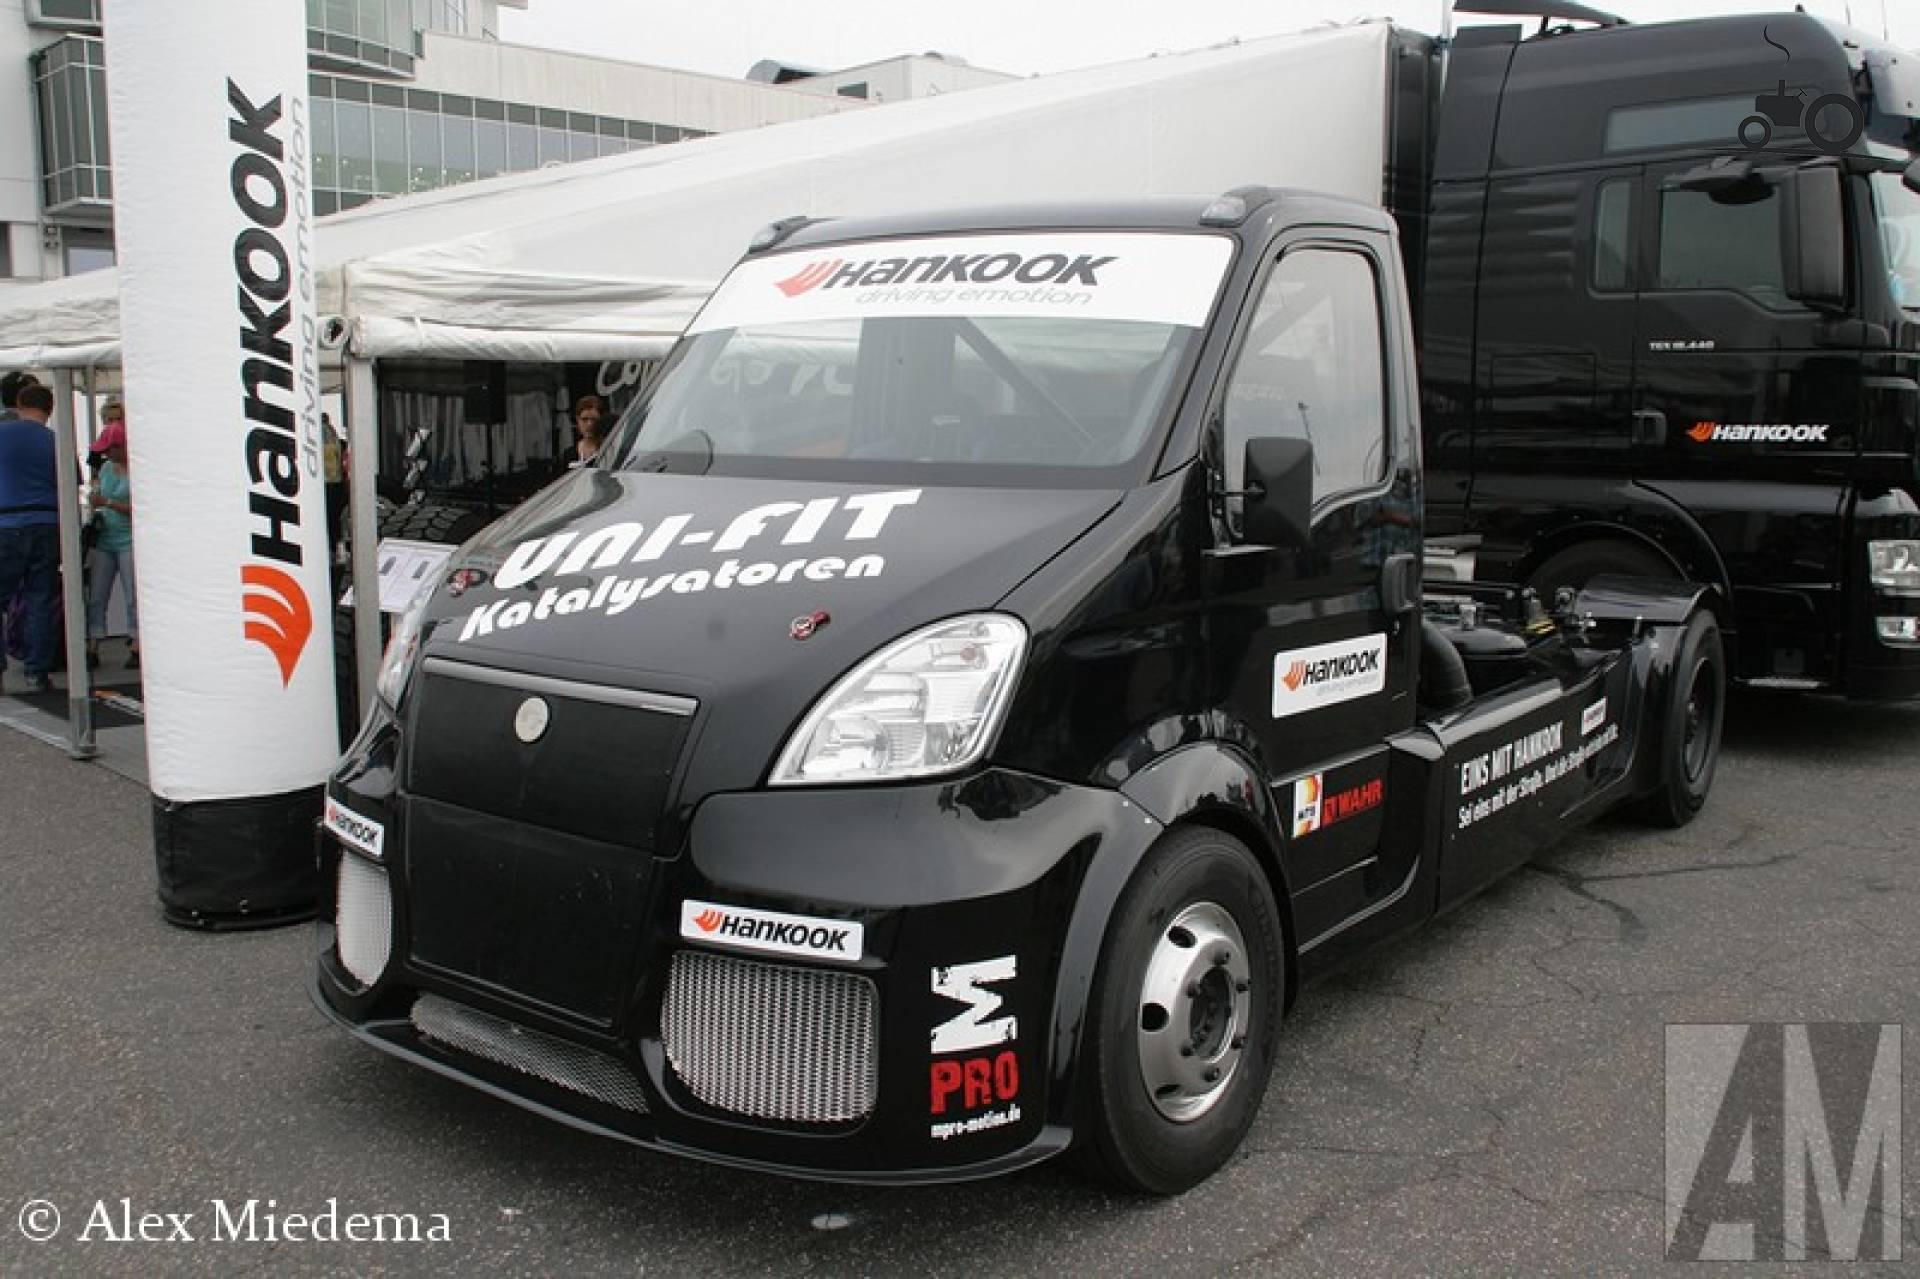 Hahn eigenbouw racetruck